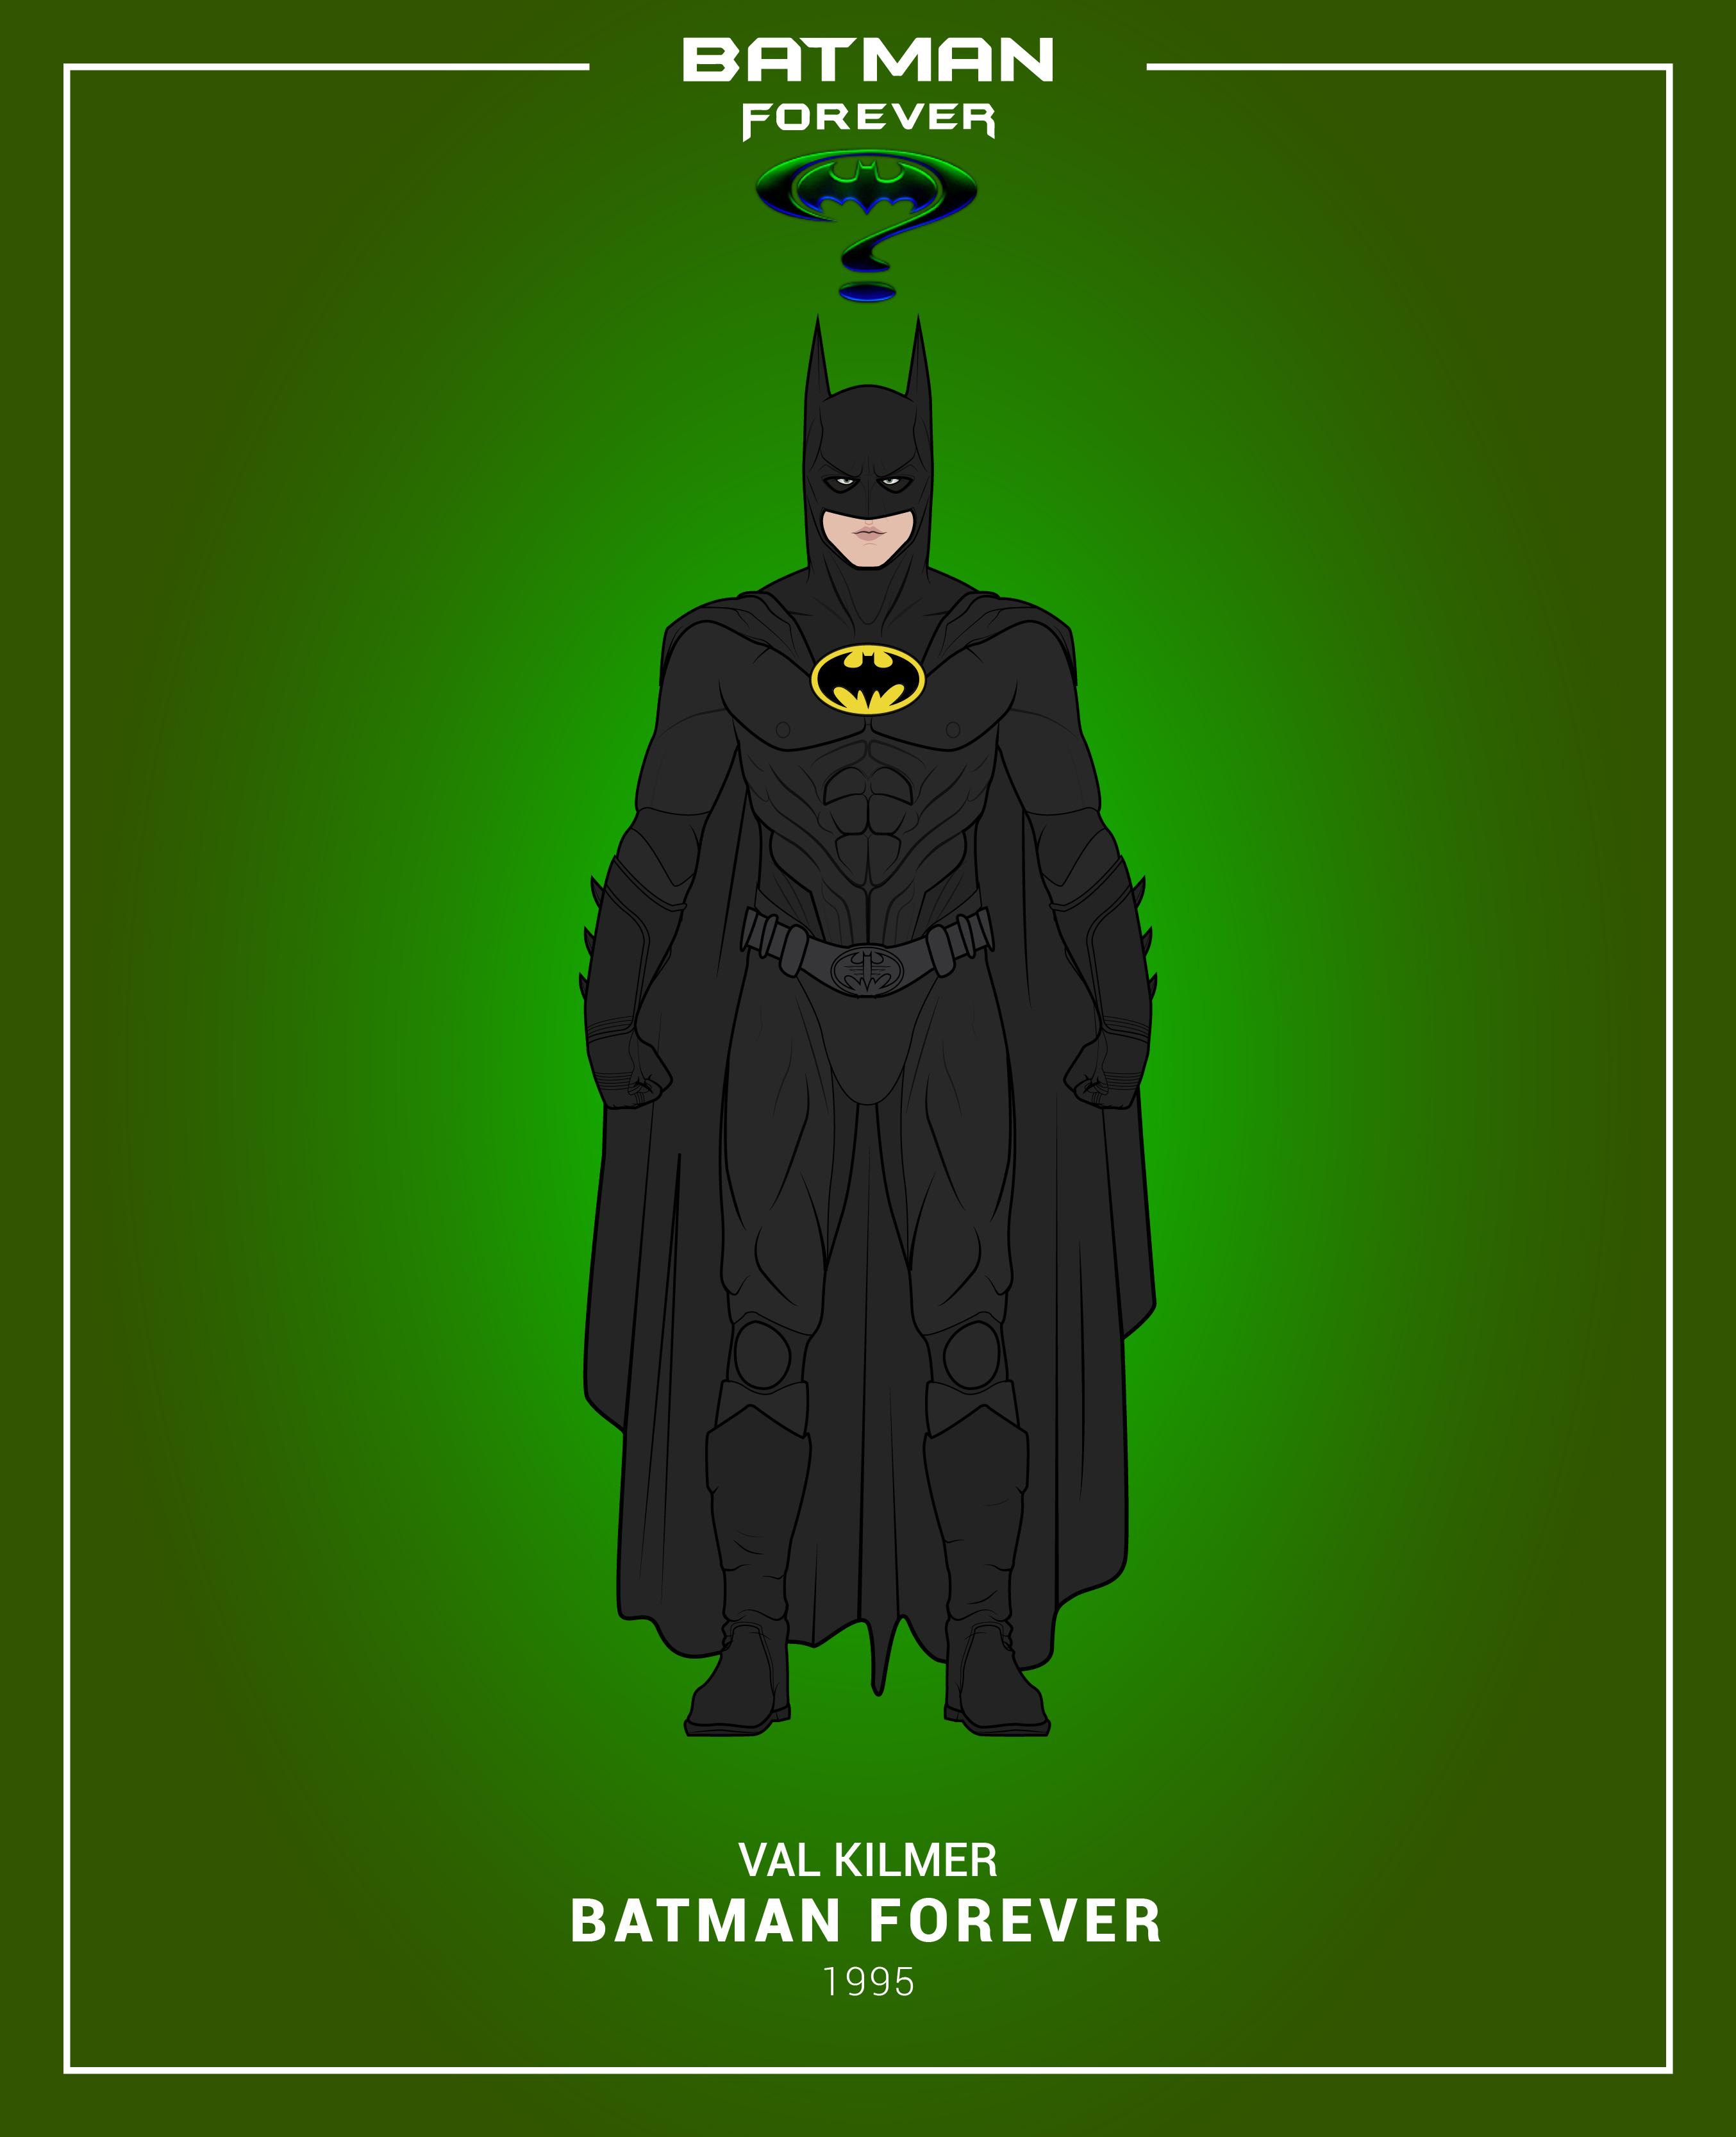 Batman Forever 1995 By Efrajoey1 On Deviantart